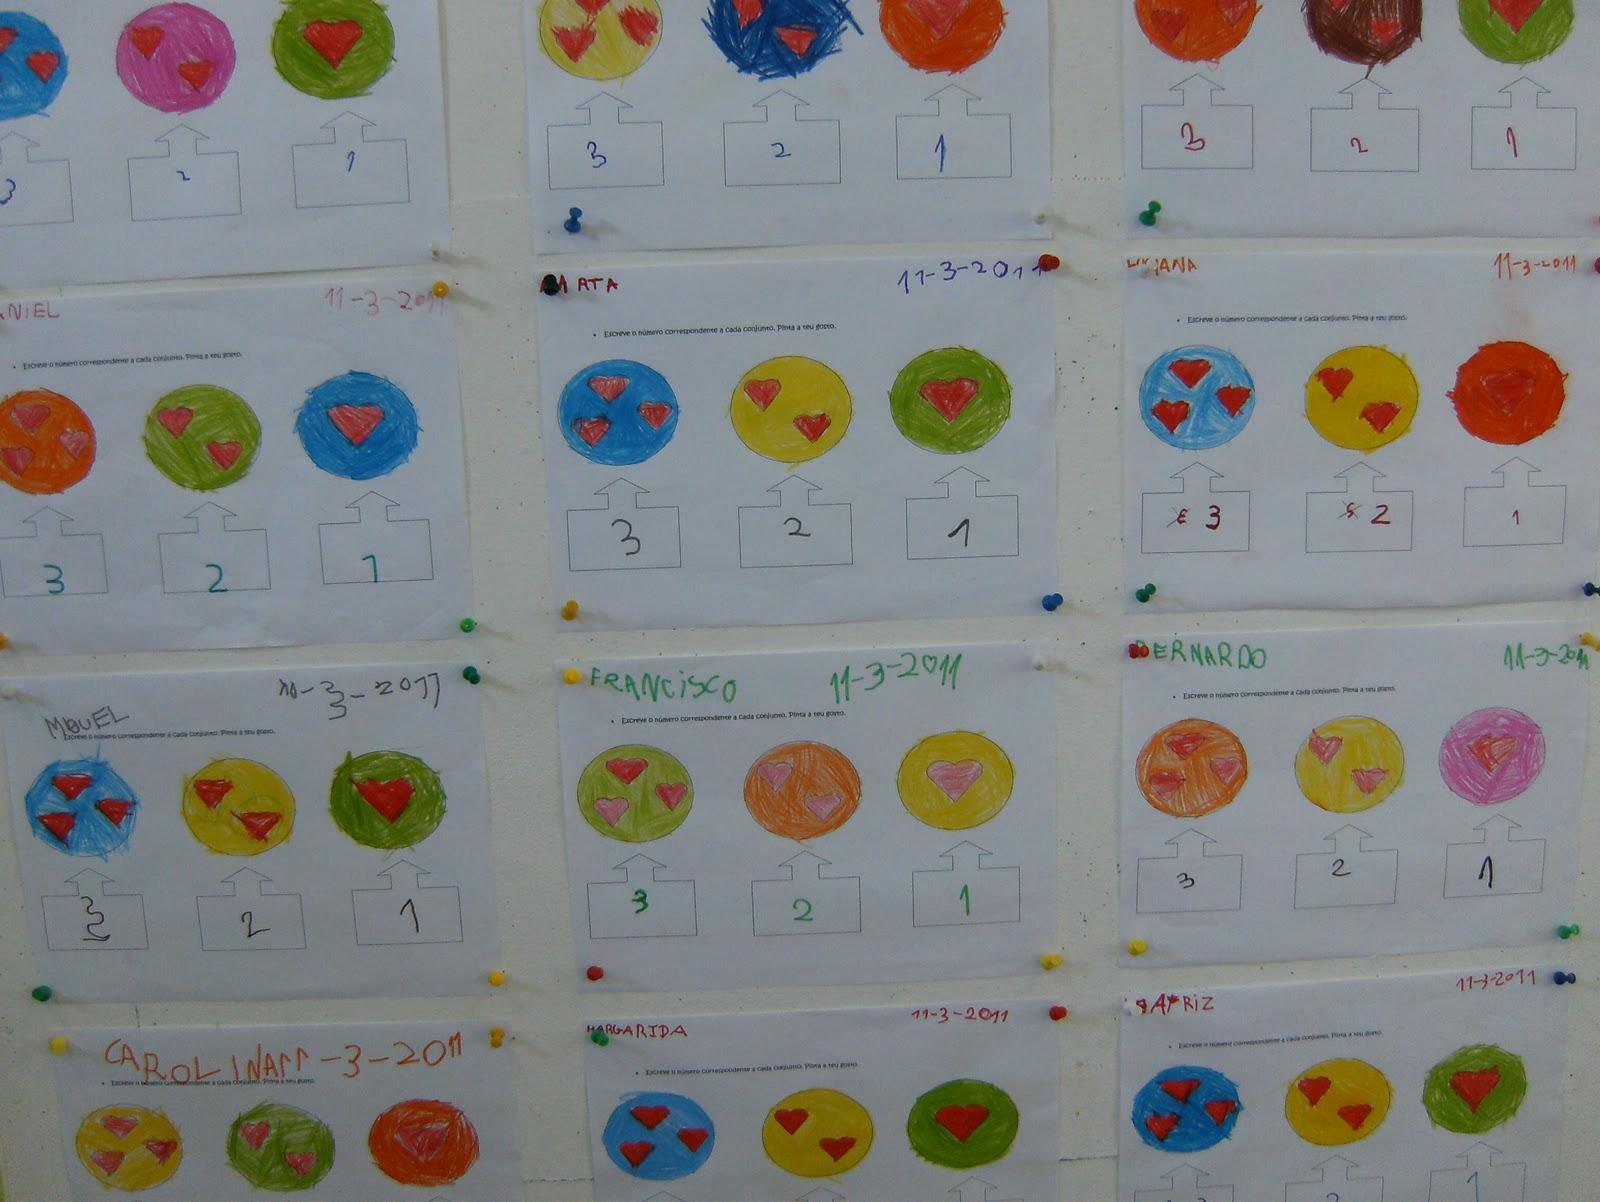 ideias para o outono jardim de infancia : ideias para o outono jardim de infancia:Jardim da Aldeia: Placards do Dia do Pai